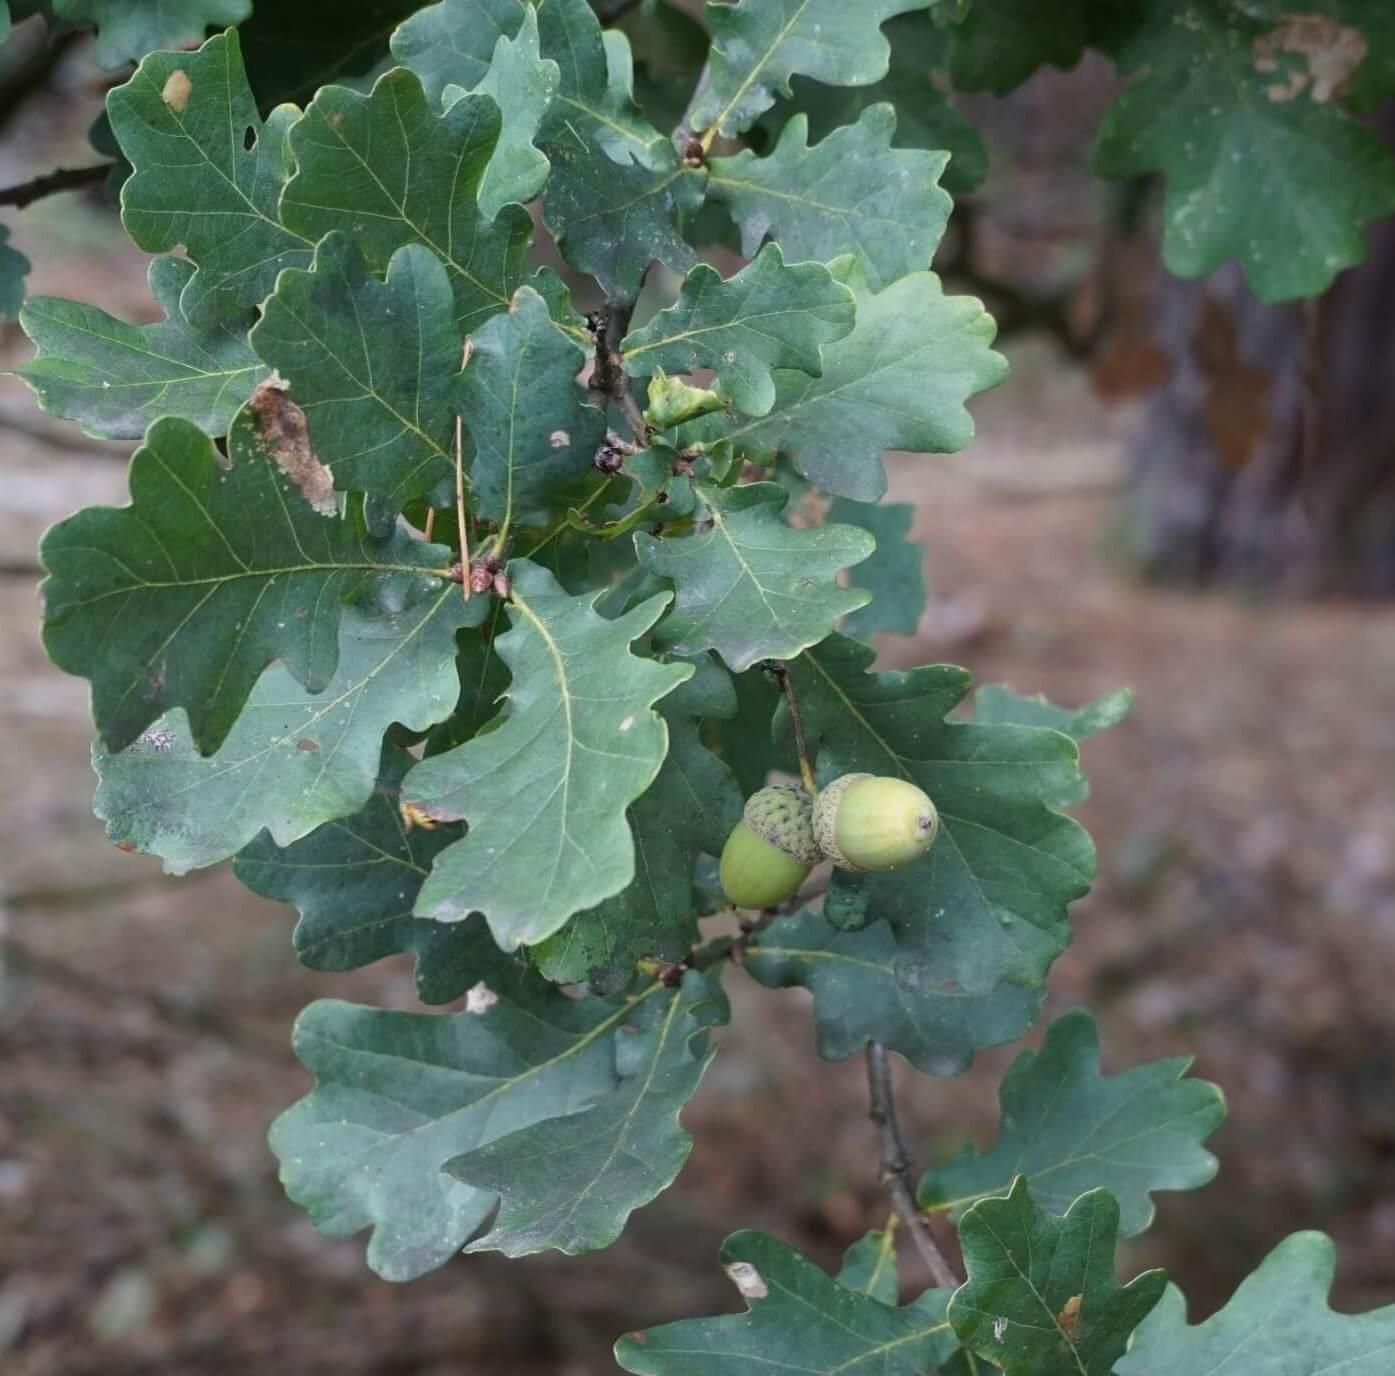 Die Eichel-Früchte an einer Stiel-Eiche. Eine, oder am Ende sich verzweigend, zwei Eicheln hängen an einem langen Stiel. Hier an einem Exemplar am Rande der Ortschaft Müggelheim.